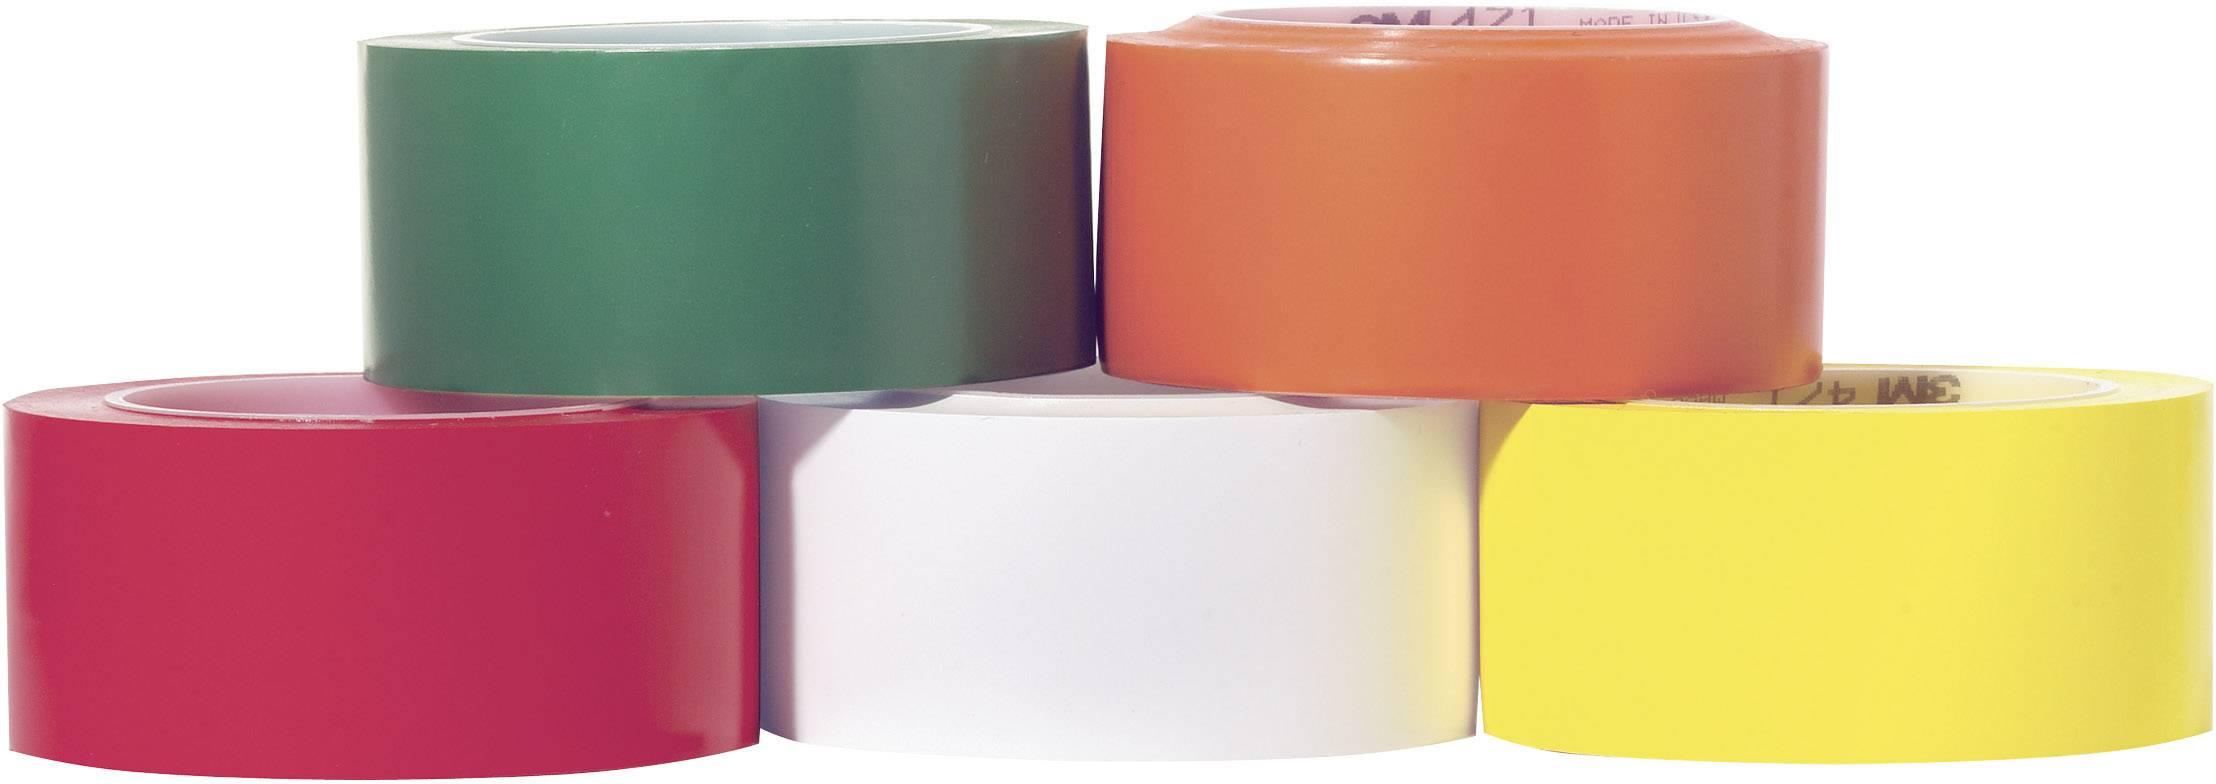 Lepicí páska bílá 764i (50 mm x 33 m) 3M